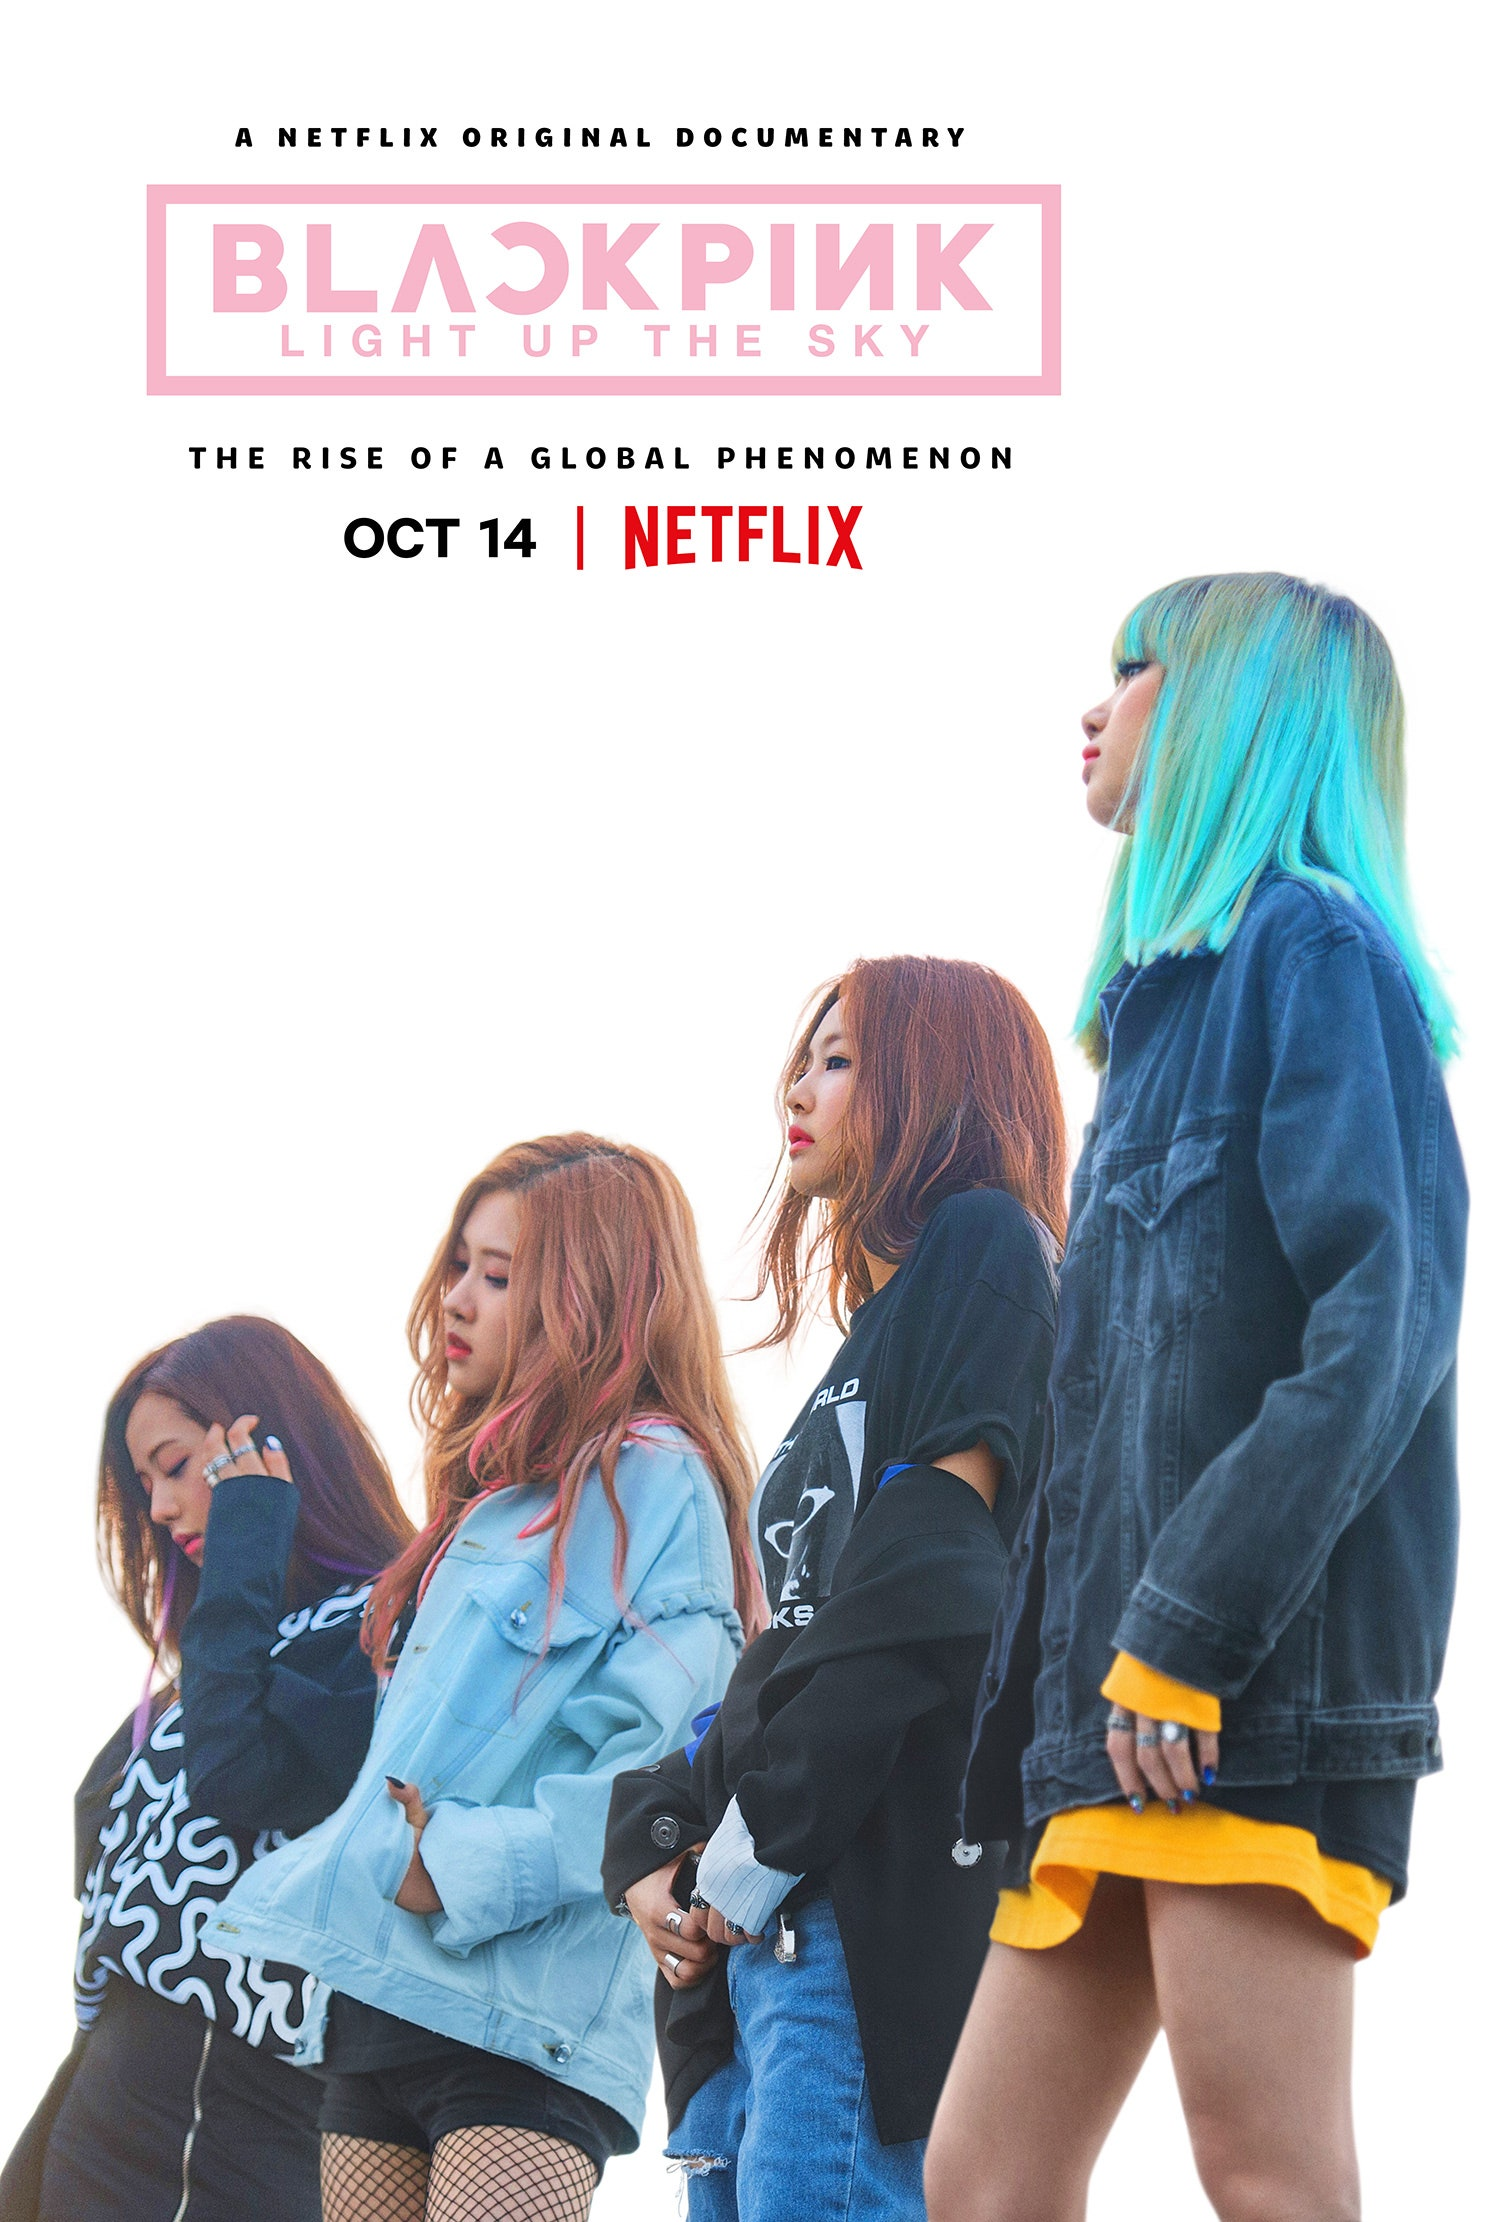 Intip kehidupan para idol, 5 Film Dokumenter Kpop yang mengisahkan kehidupan & perjalanan karir mereka 3